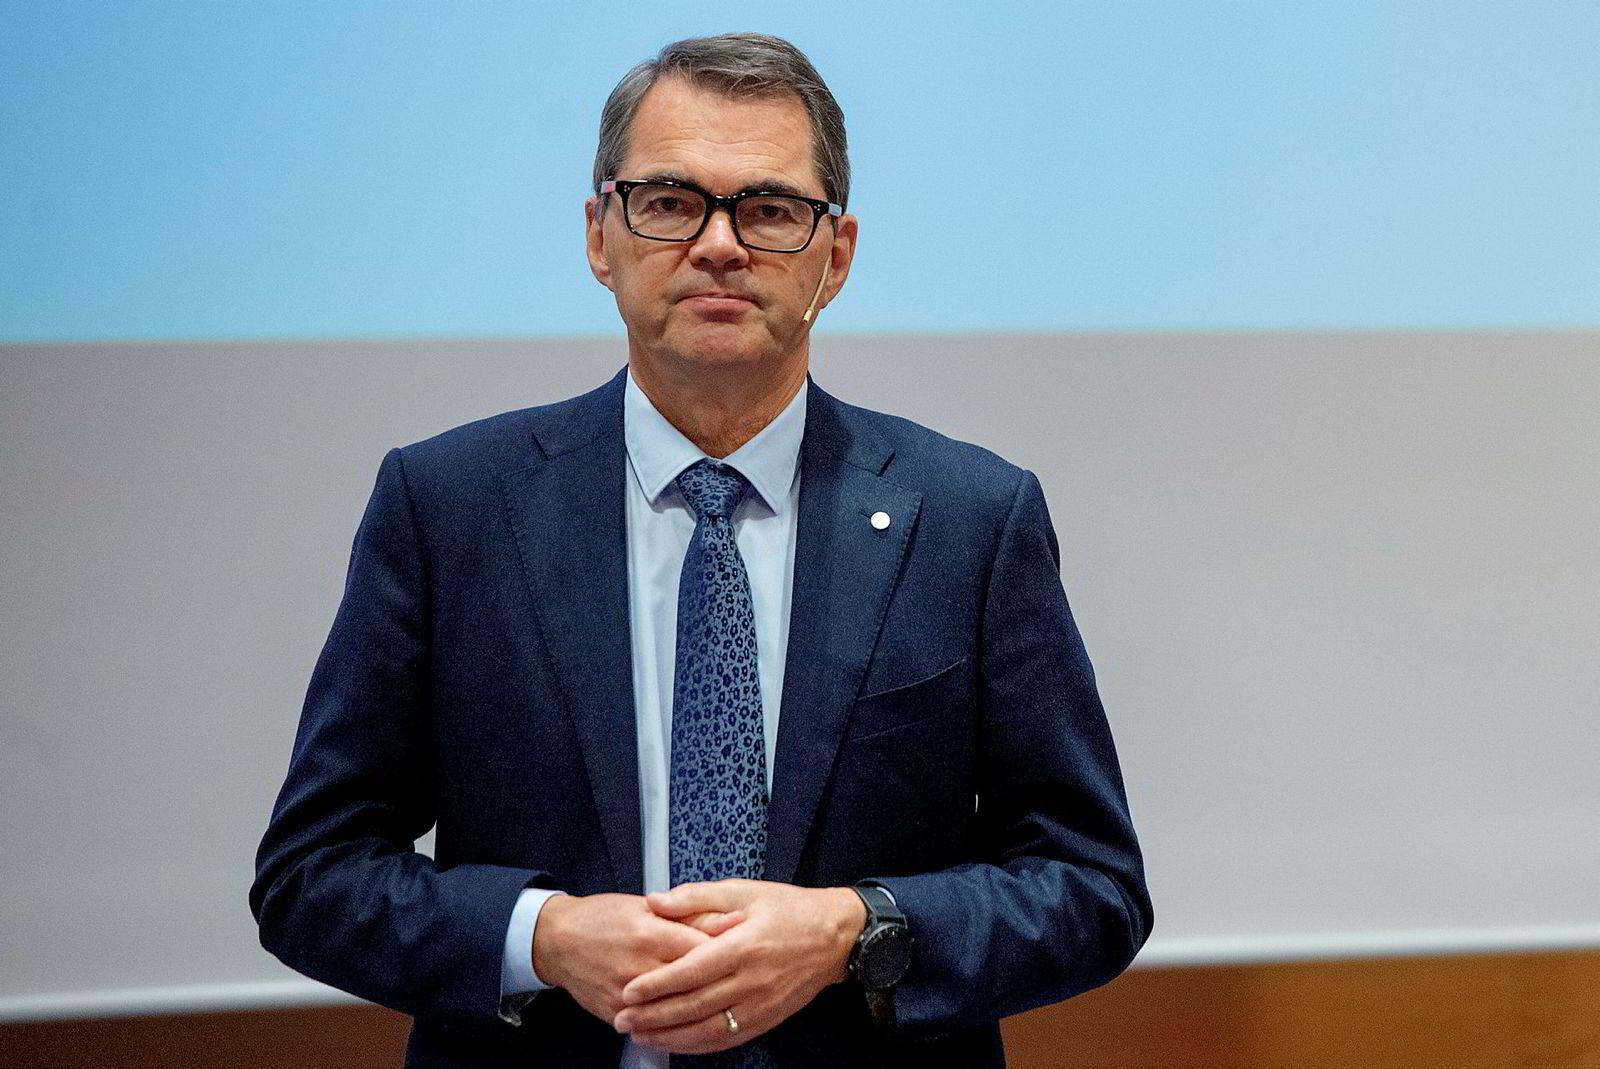 Styreleder i Veidekke, Svein Richard Brandtzæg.